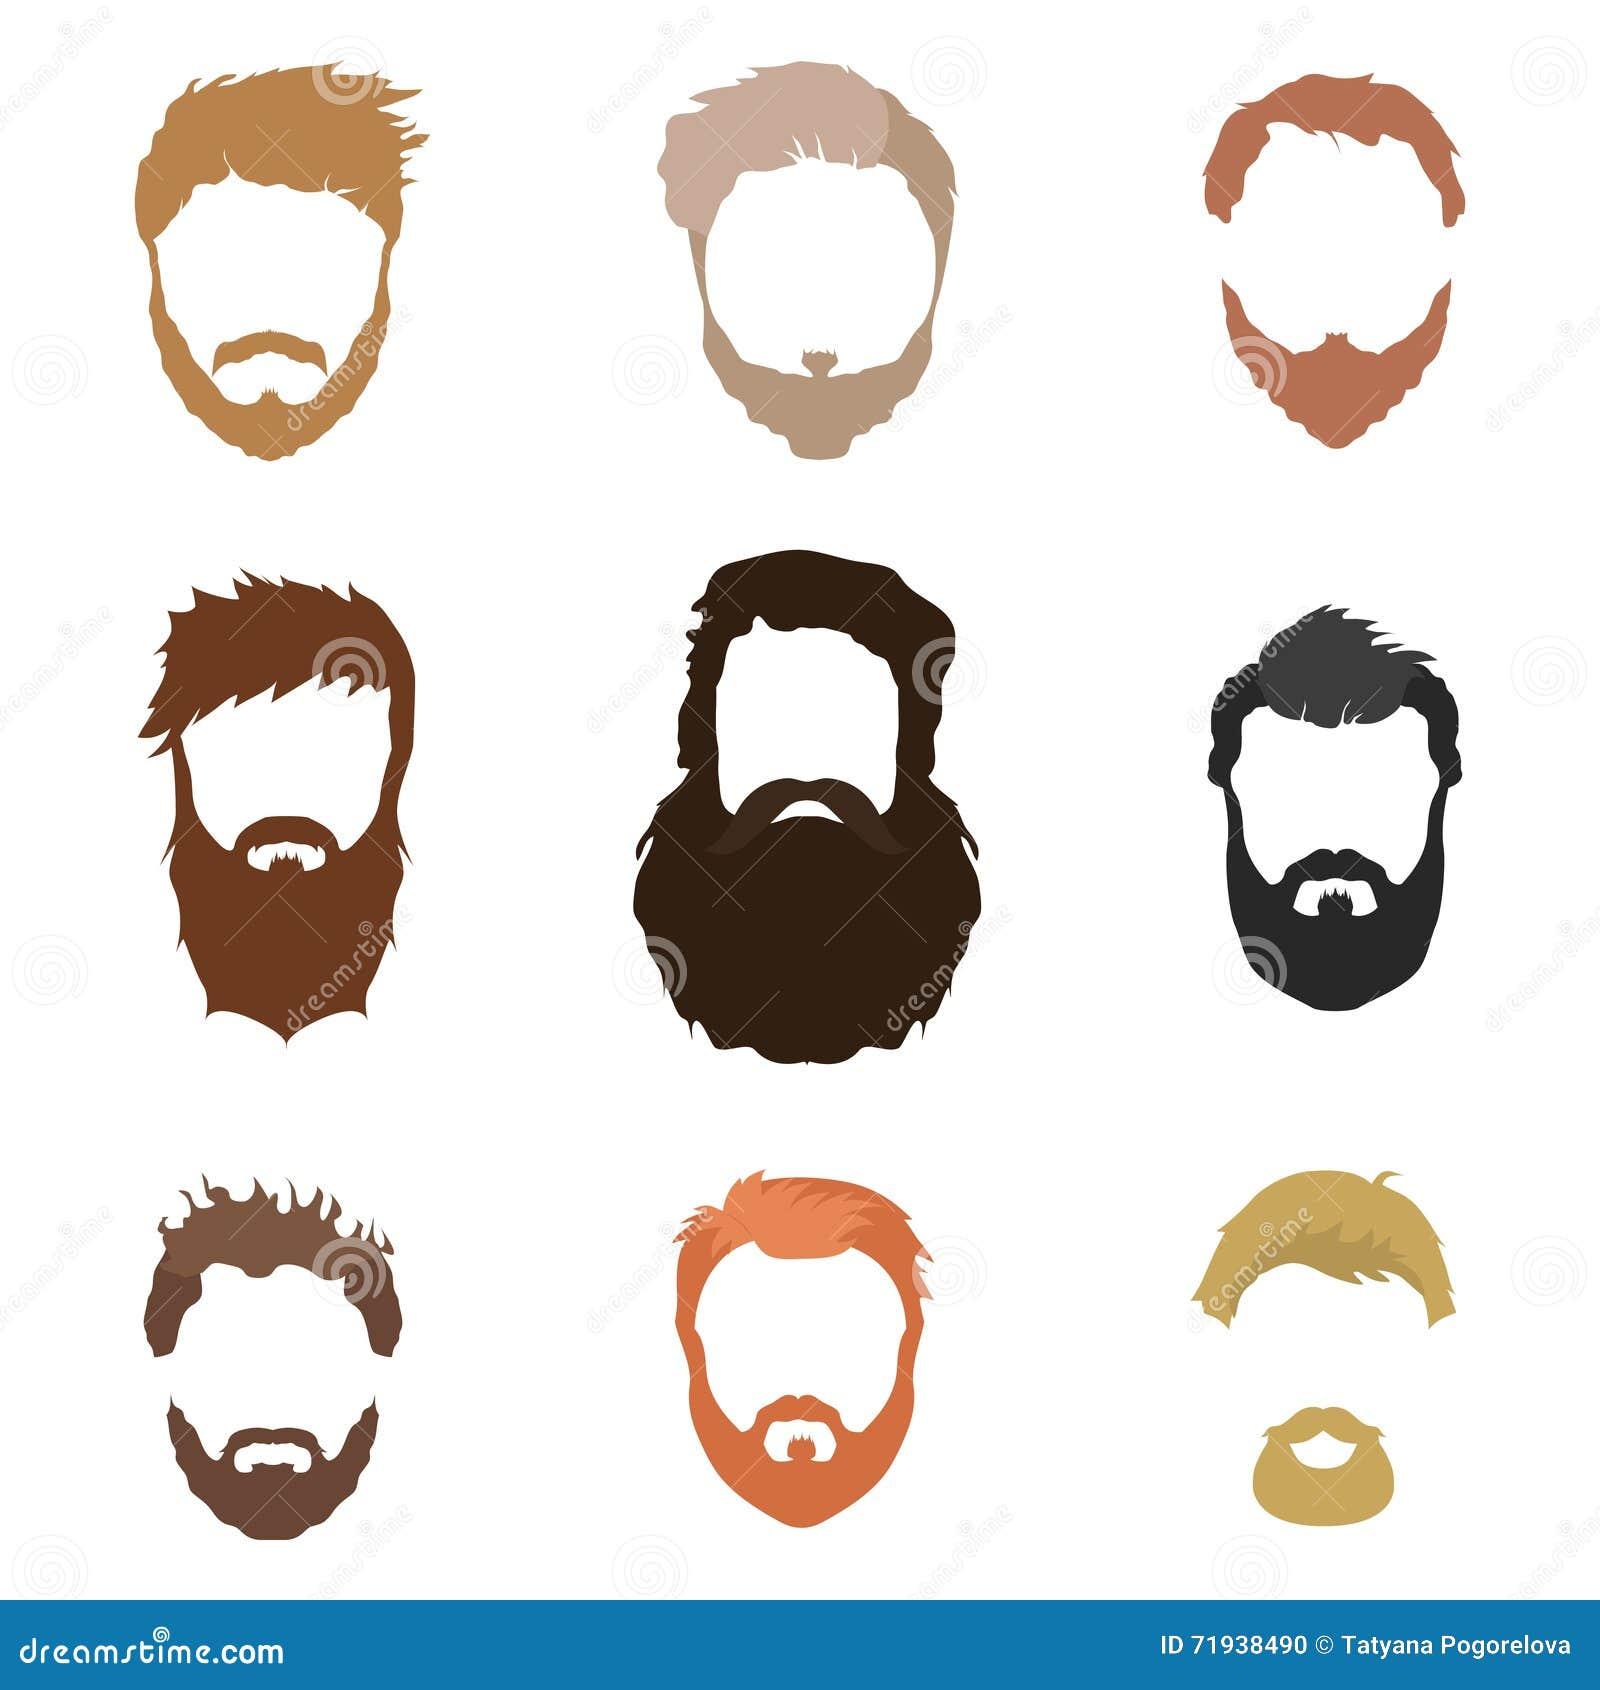 Стиль причёсок модных людей, борода, сторона, волосы, маски выреза, собрание плоских значков